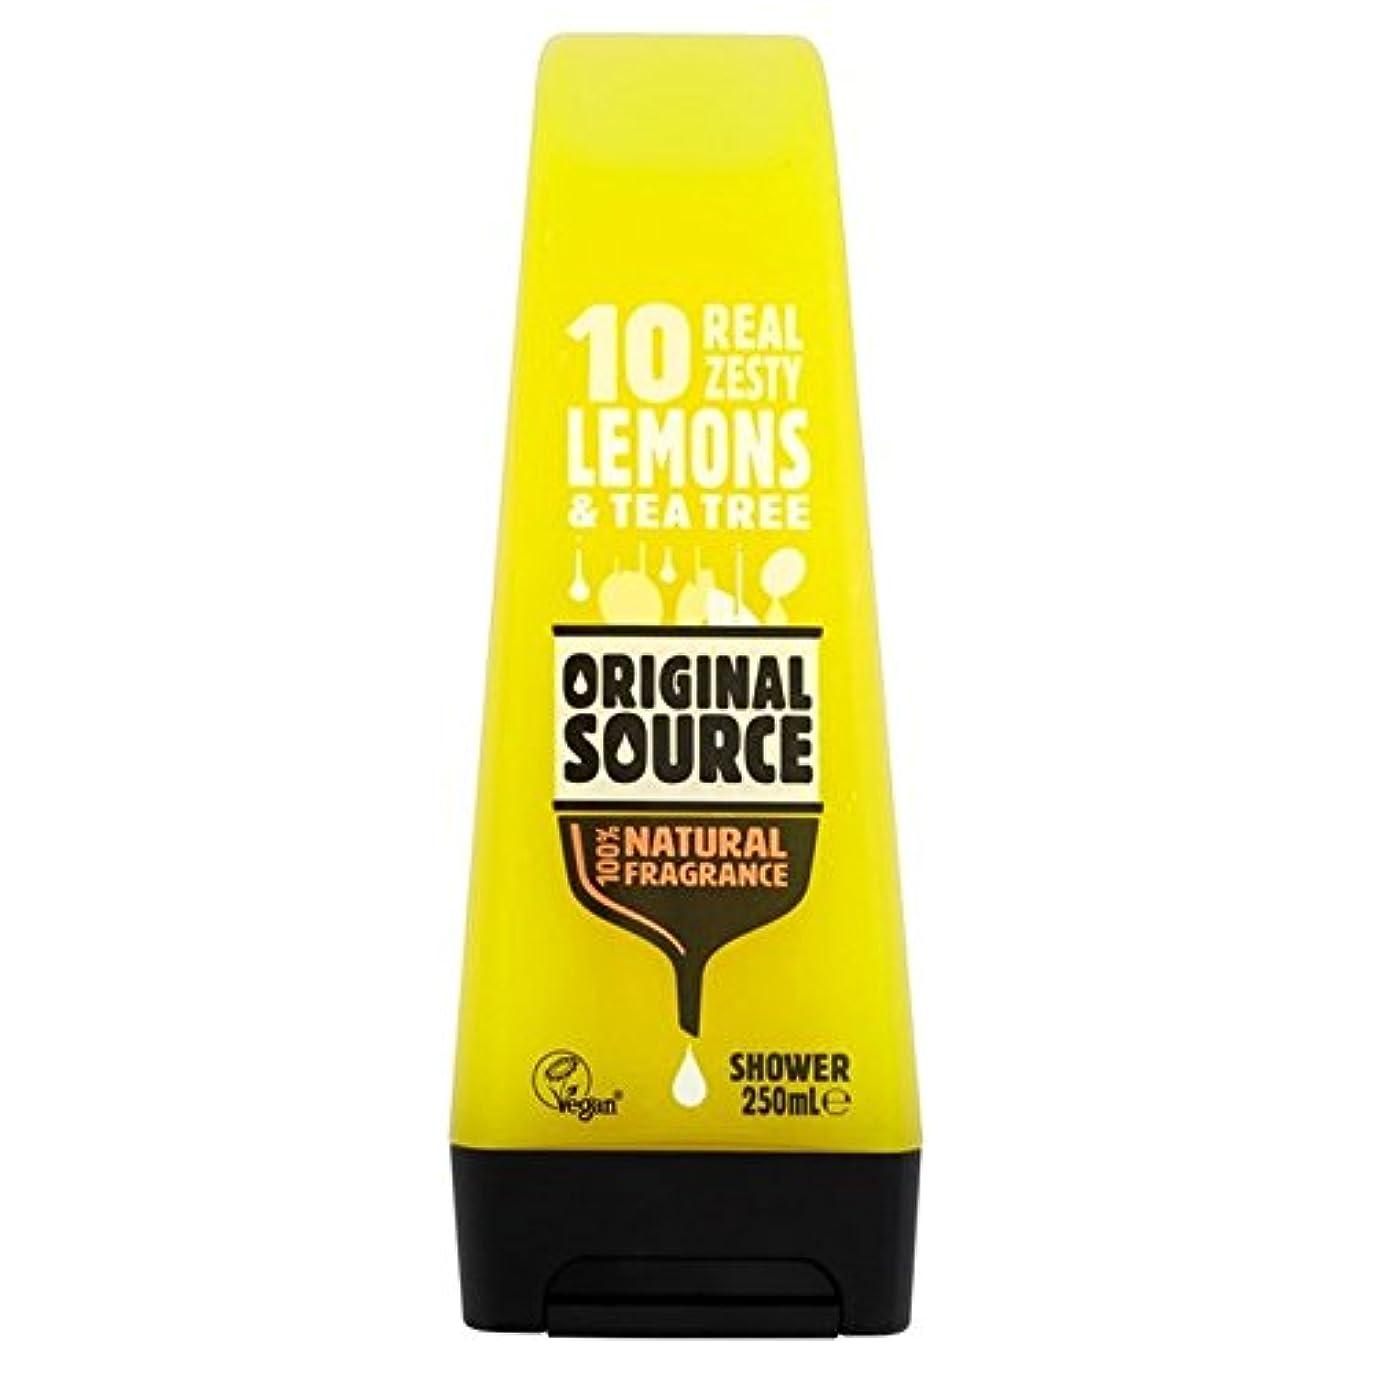 望ましい割れ目欠点元のソースのレモンシャワージェル250ミリリットル x4 - Original Source Lemon Shower Gel 250ml (Pack of 4) [並行輸入品]